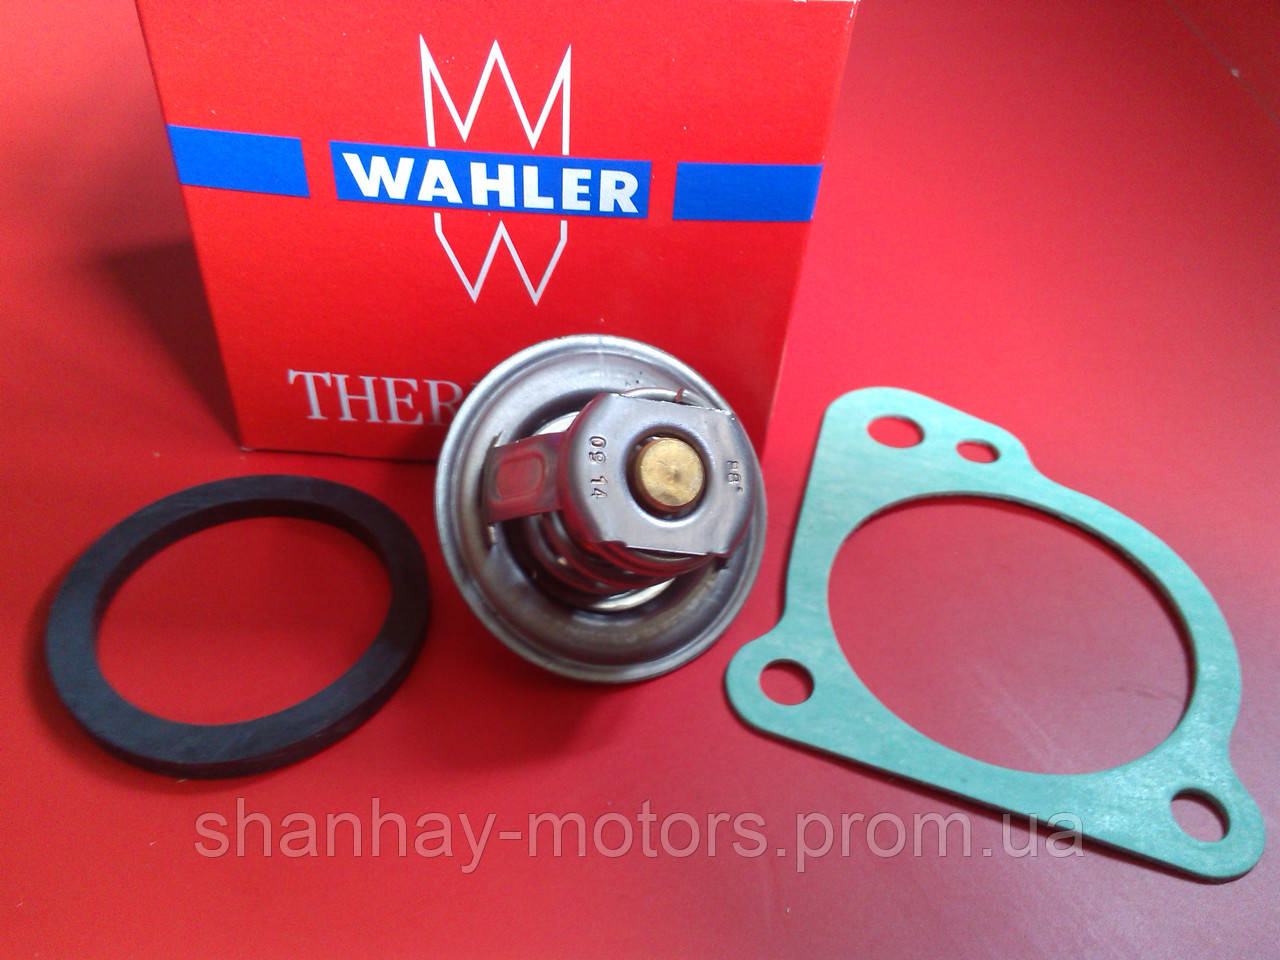 Термостат (с прокладками) Chery Amulet Чери Амулет  480-1306020 WAHLER  Германия - Шанхай-моторс в Одессе